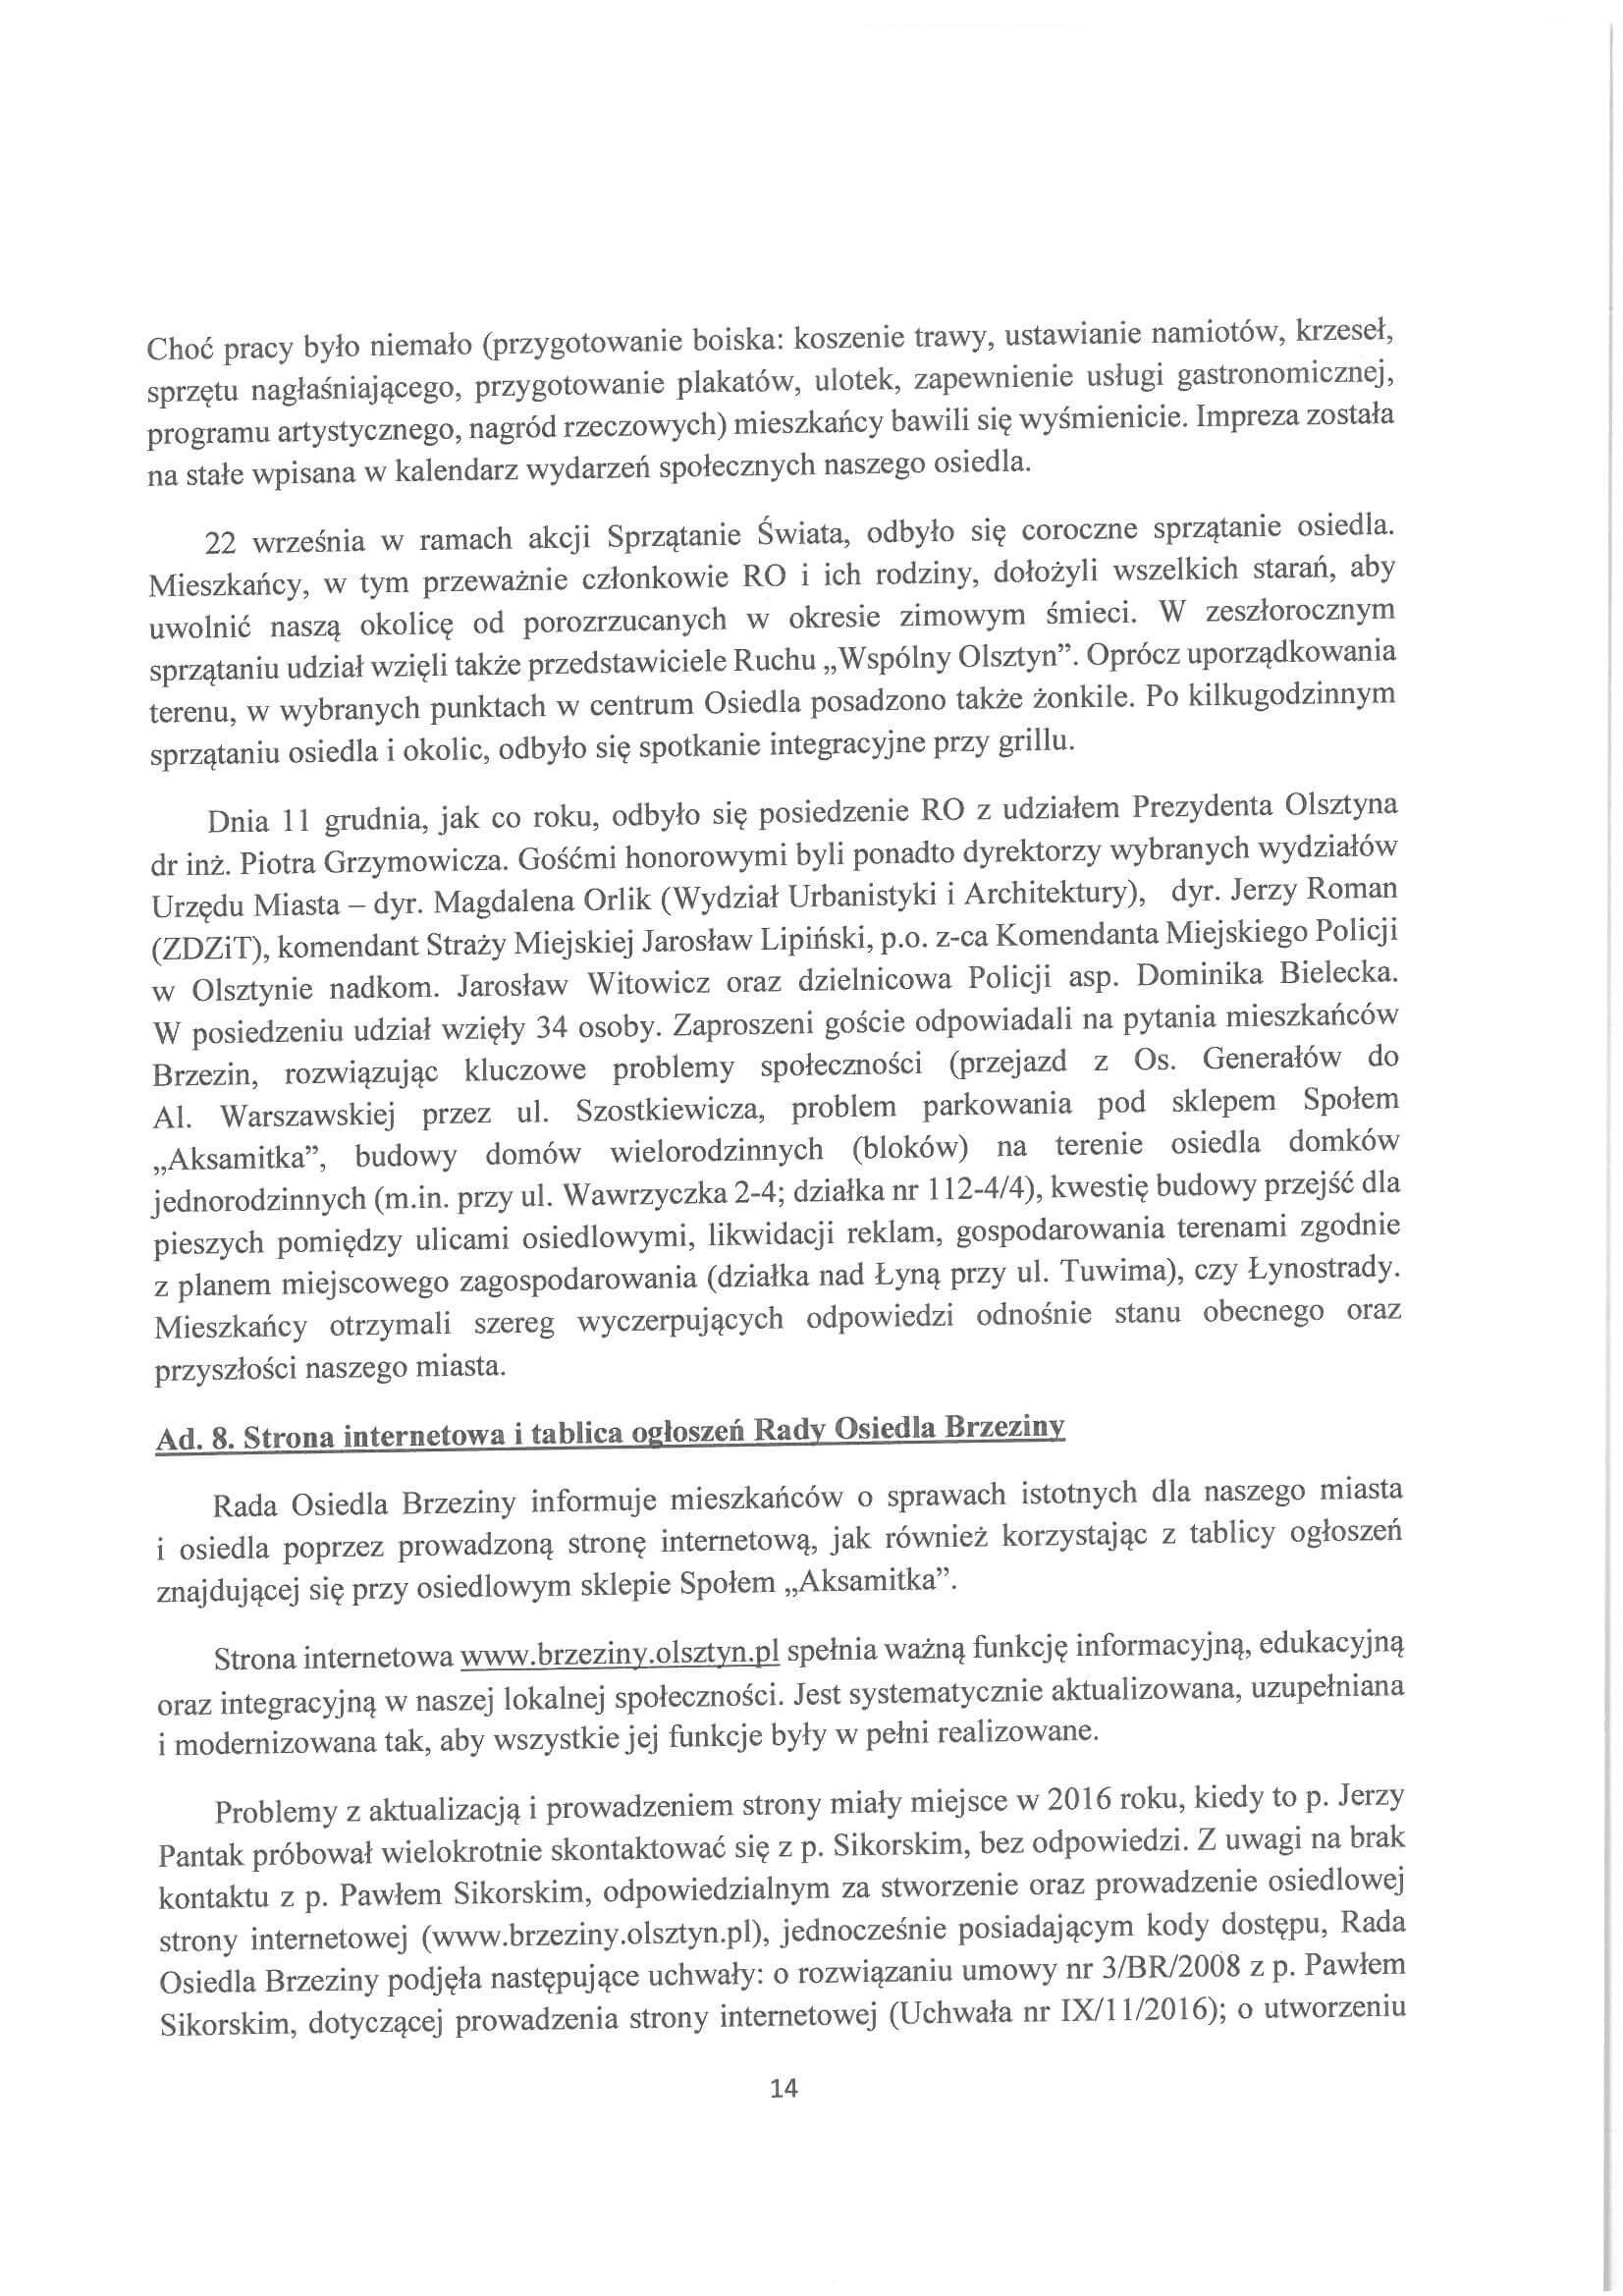 Sprawozdanie z działalności RO w latach 2015-2019-14